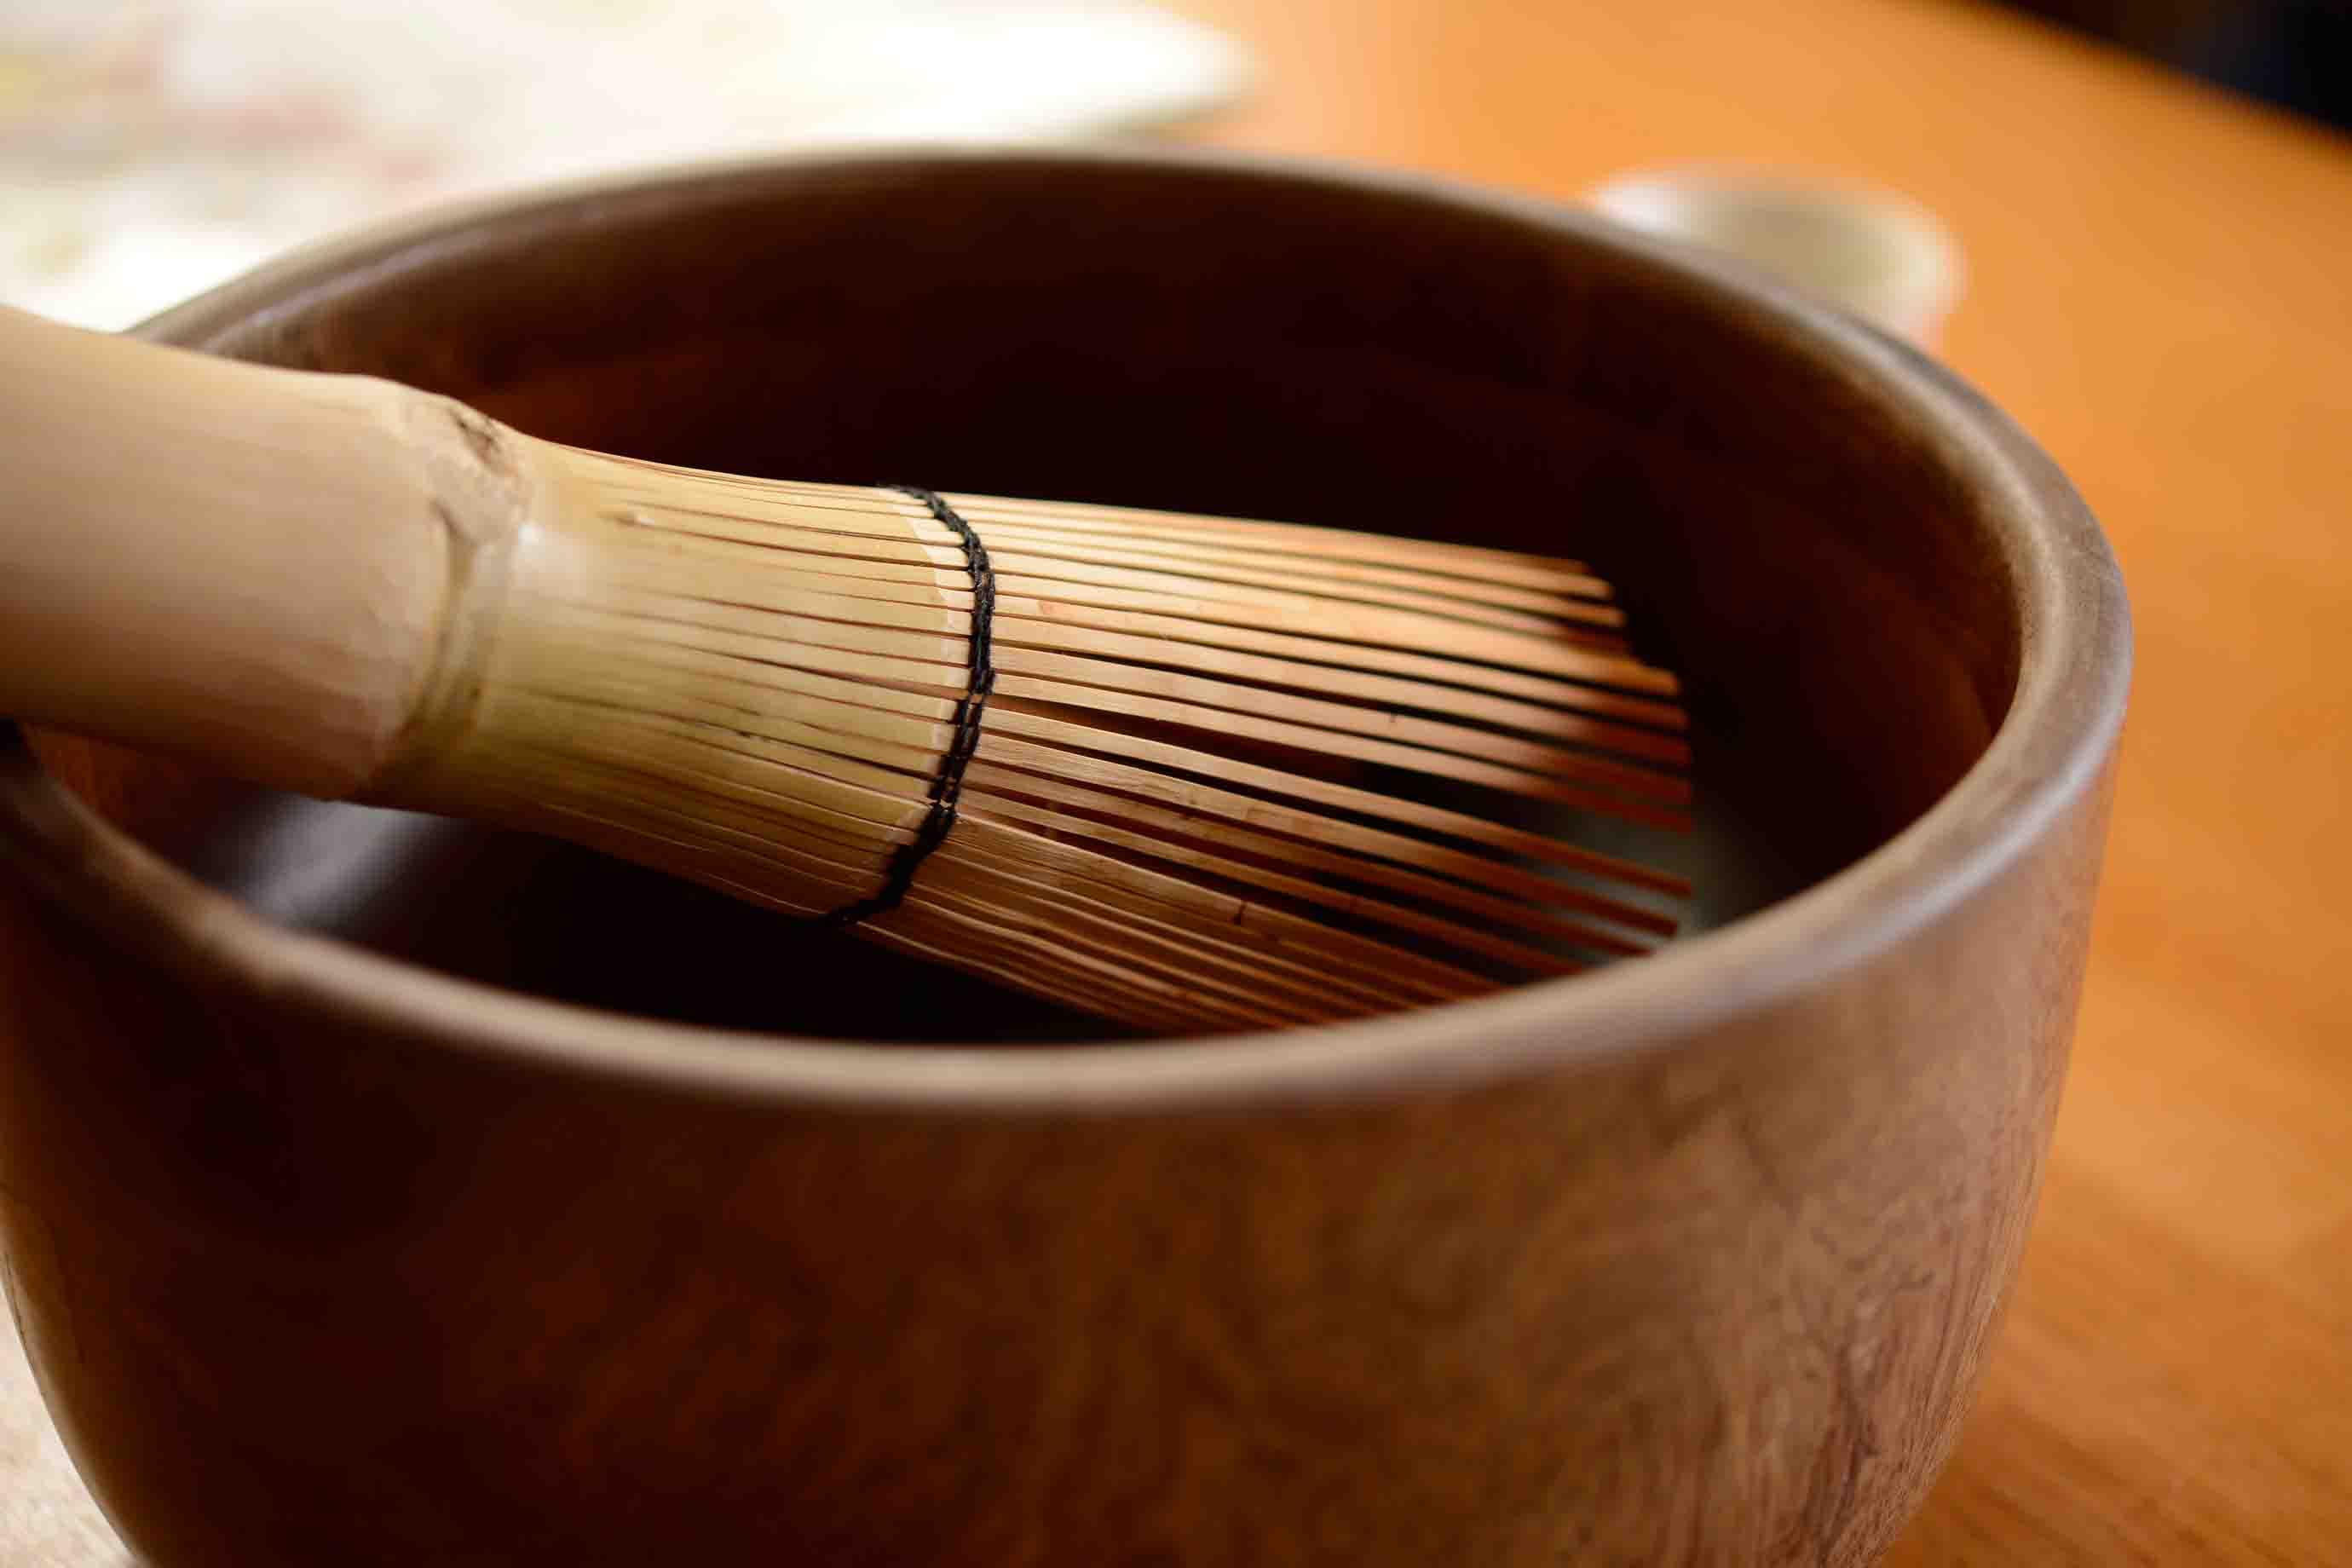 直径30センチメートルほどの木鉢と茶筅。予想外の大きさです!